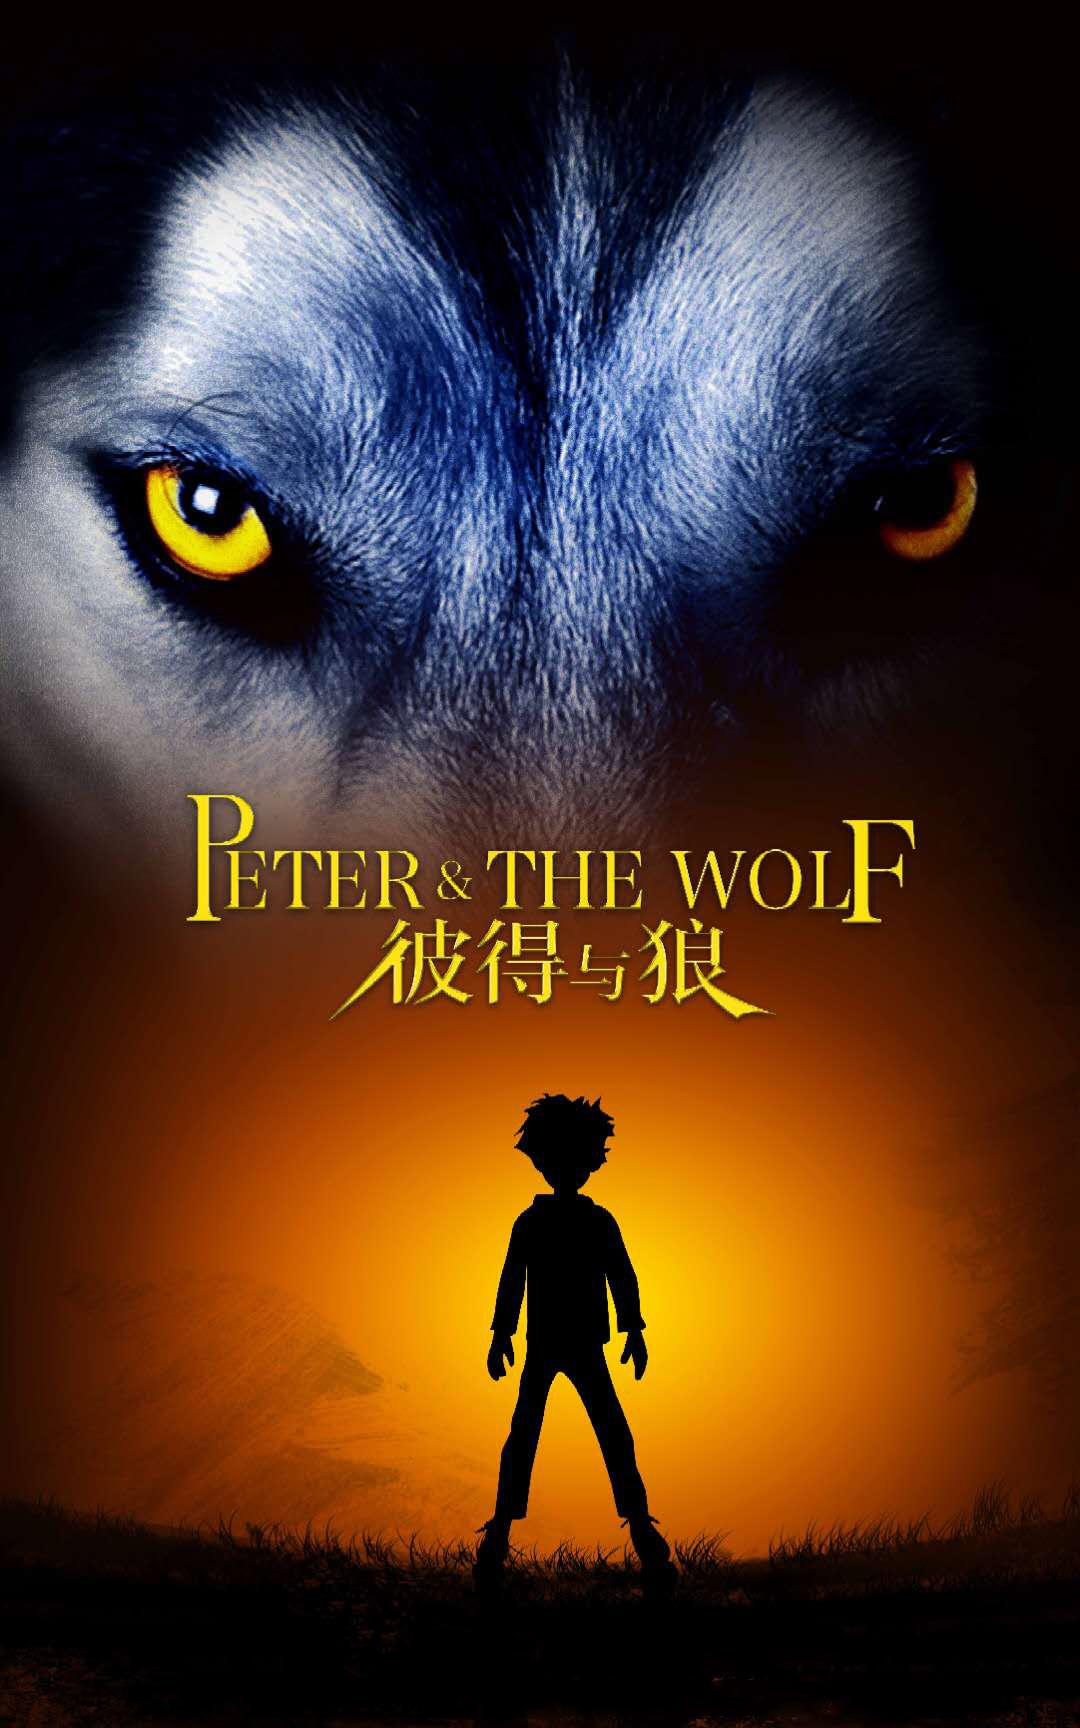 杭州大剧院动漫视听音乐会系列IX 绘本故事《彼得与狼》杭州站